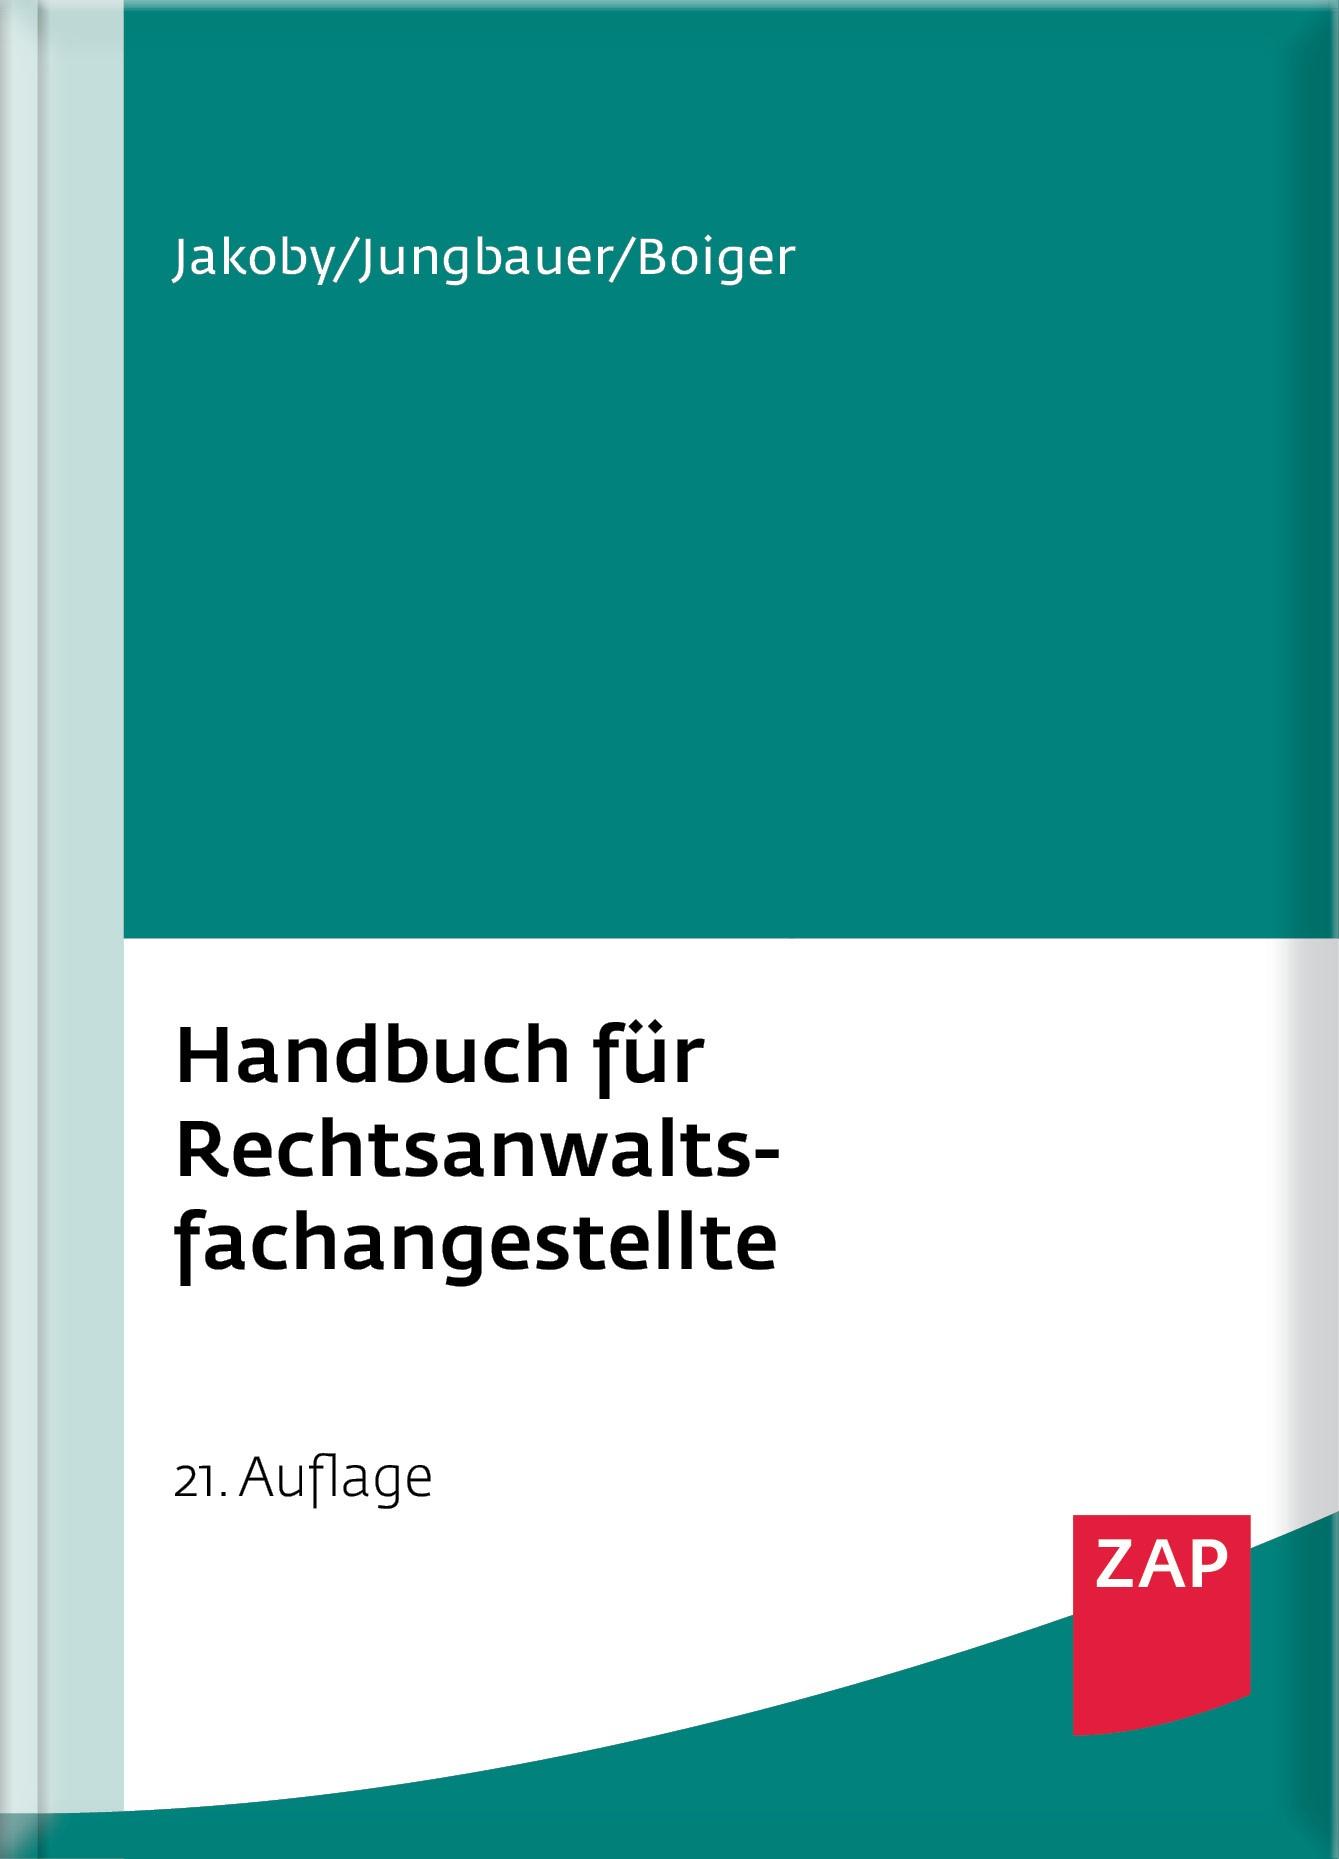 Handbuch für Rechtsanwaltsfachangestellte | Jakoby / Jungbauer / Boiger | 21. Auflage, 2016 | Buch (Cover)